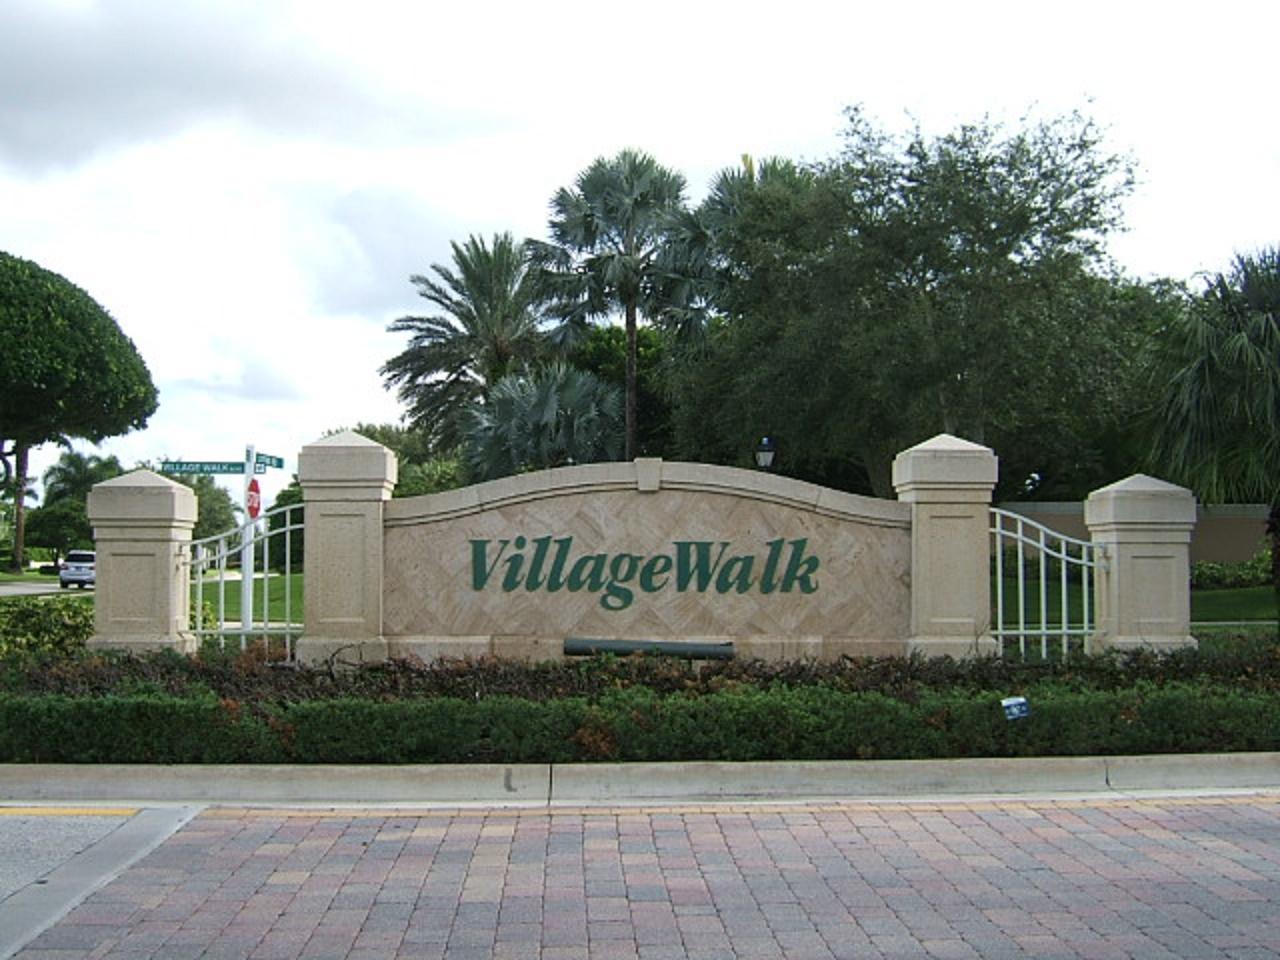 VillageWalk